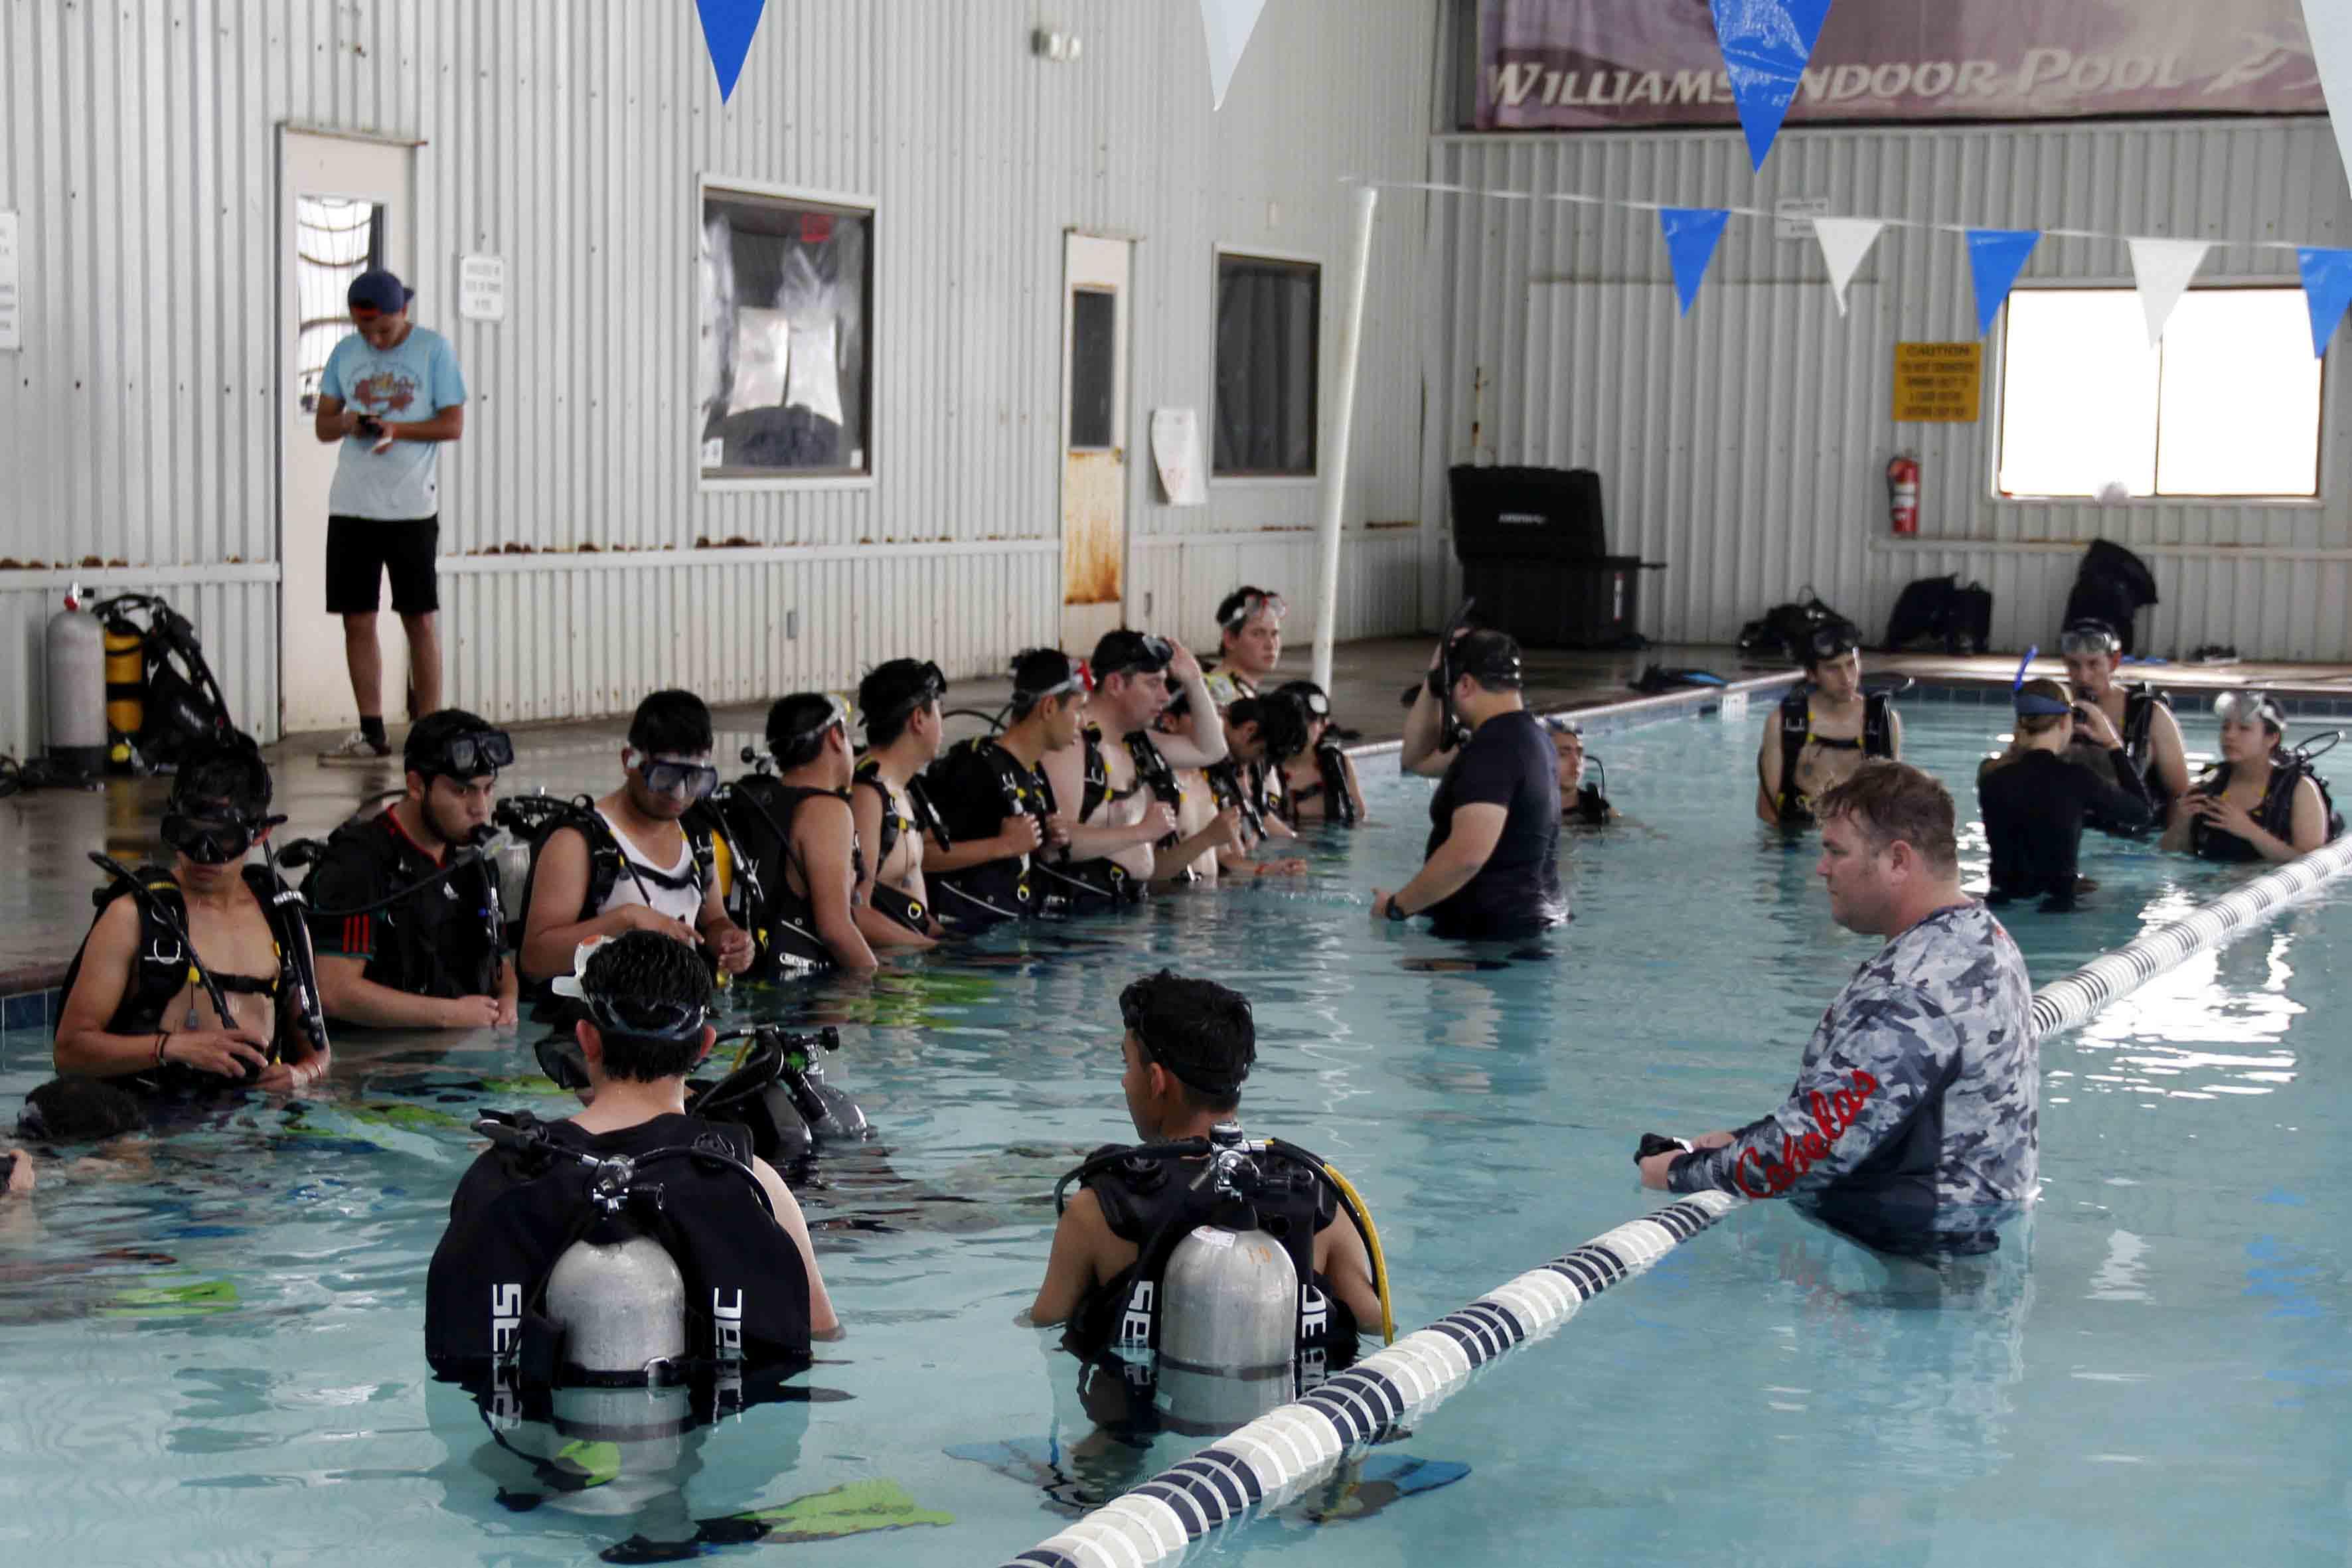 Participantes del International Air and Space Program 201, realizando actividades de buceo, manejo y recolección de herramientas bajo el agua.